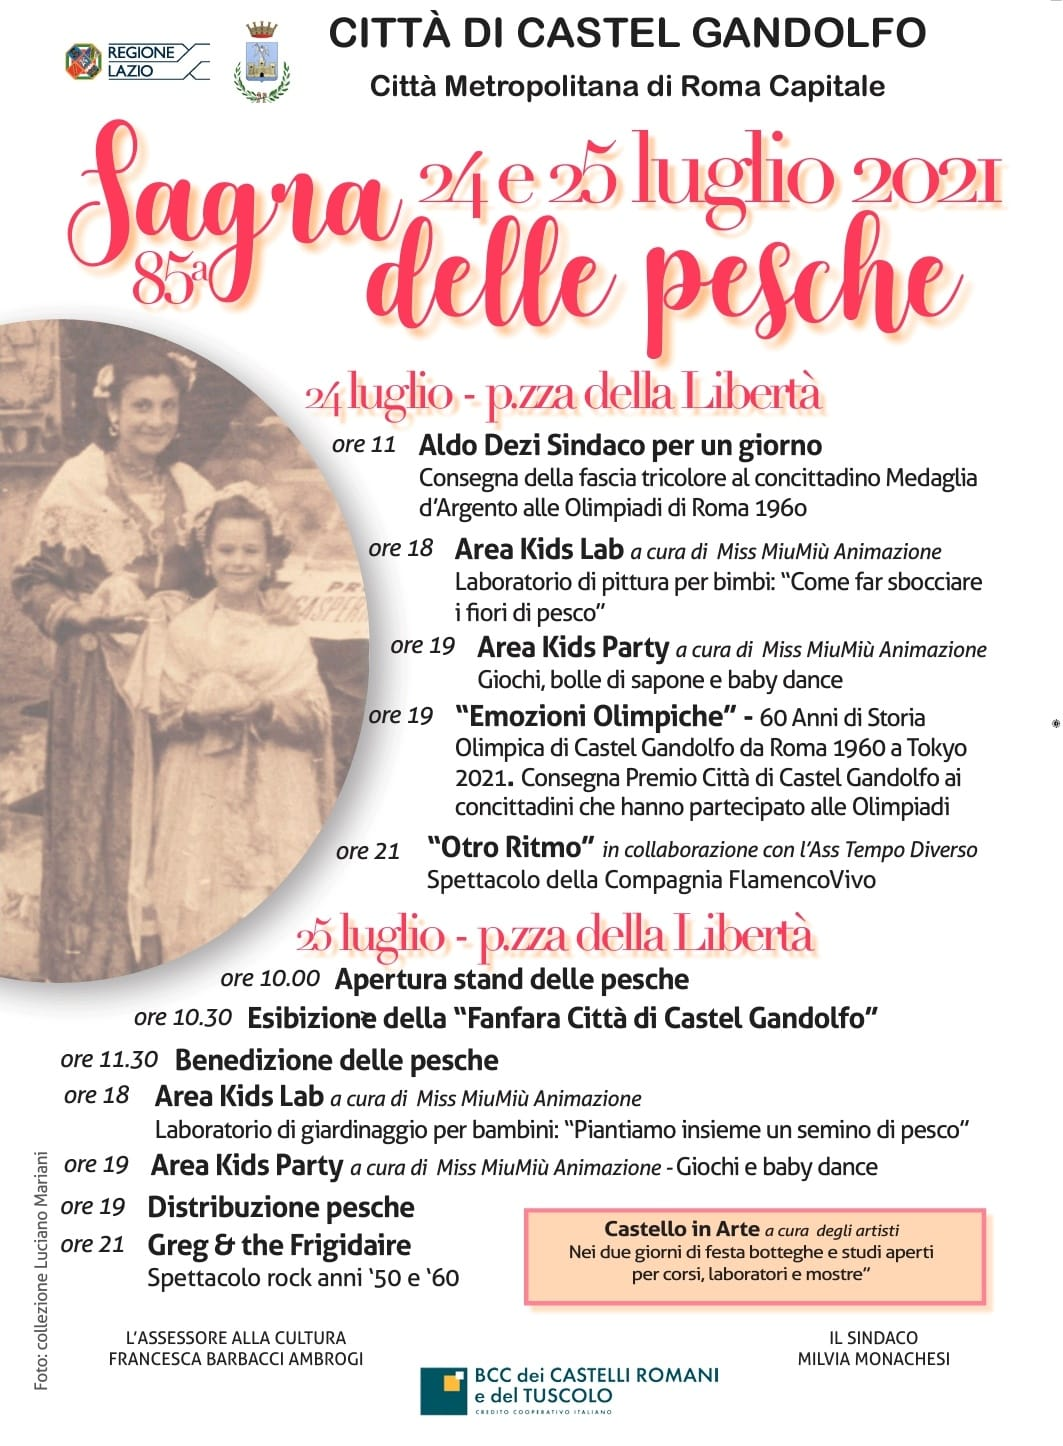 Castel Gandolfo, appuntamento per l'85° Sagra delle Pesche il 24 e il 25 luglio